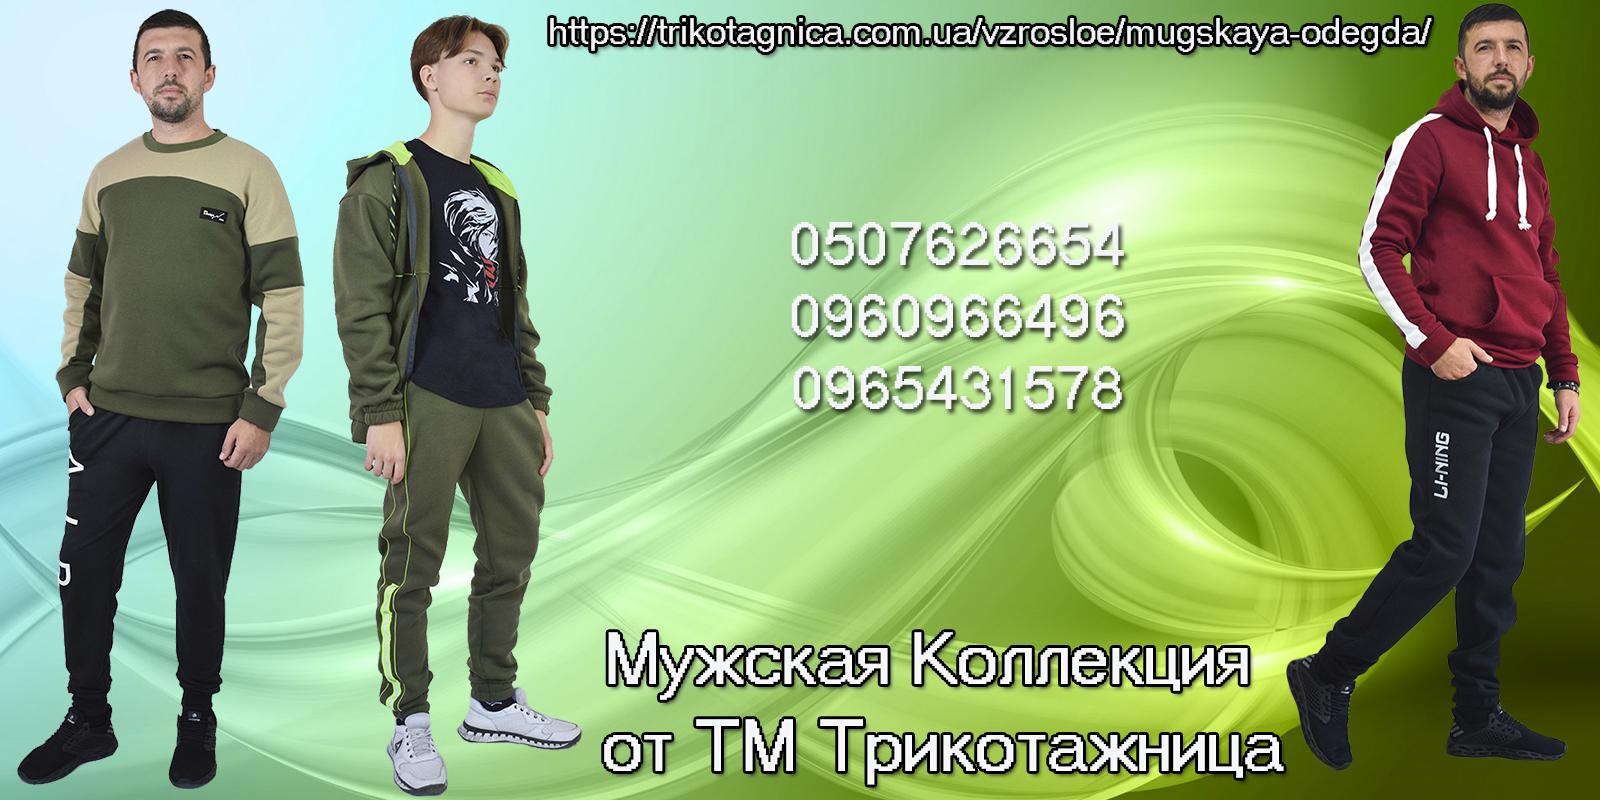 mugskaya